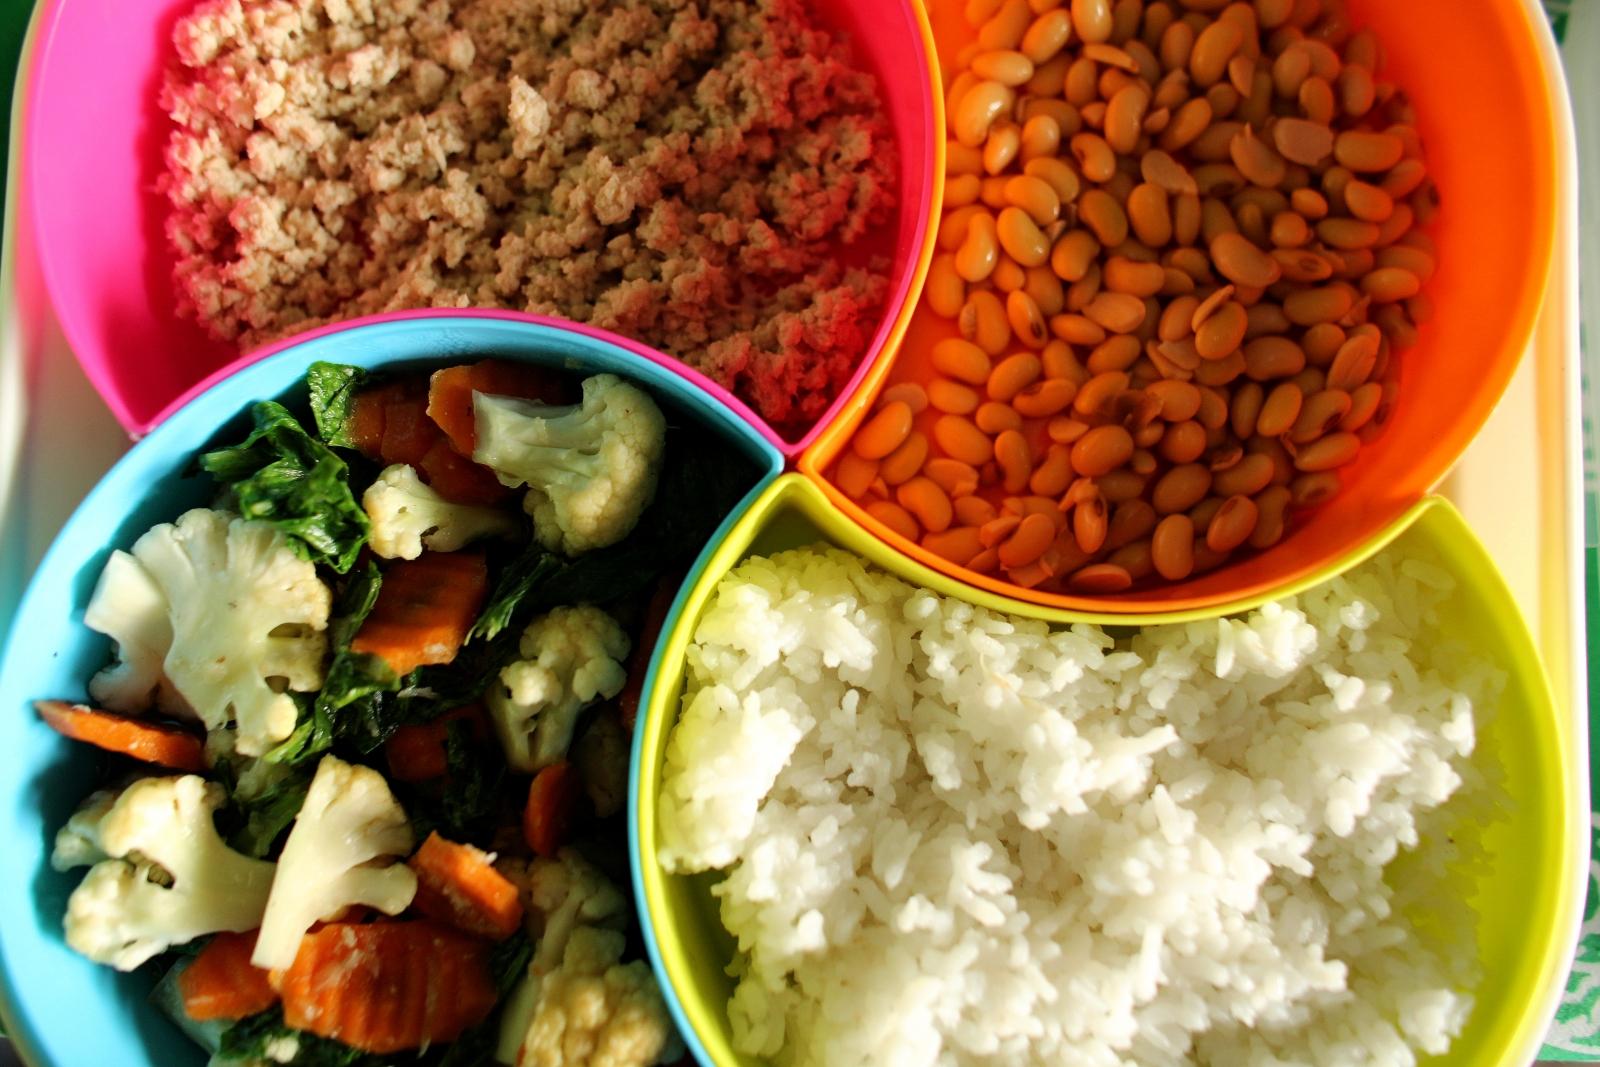 Unicef child food diet